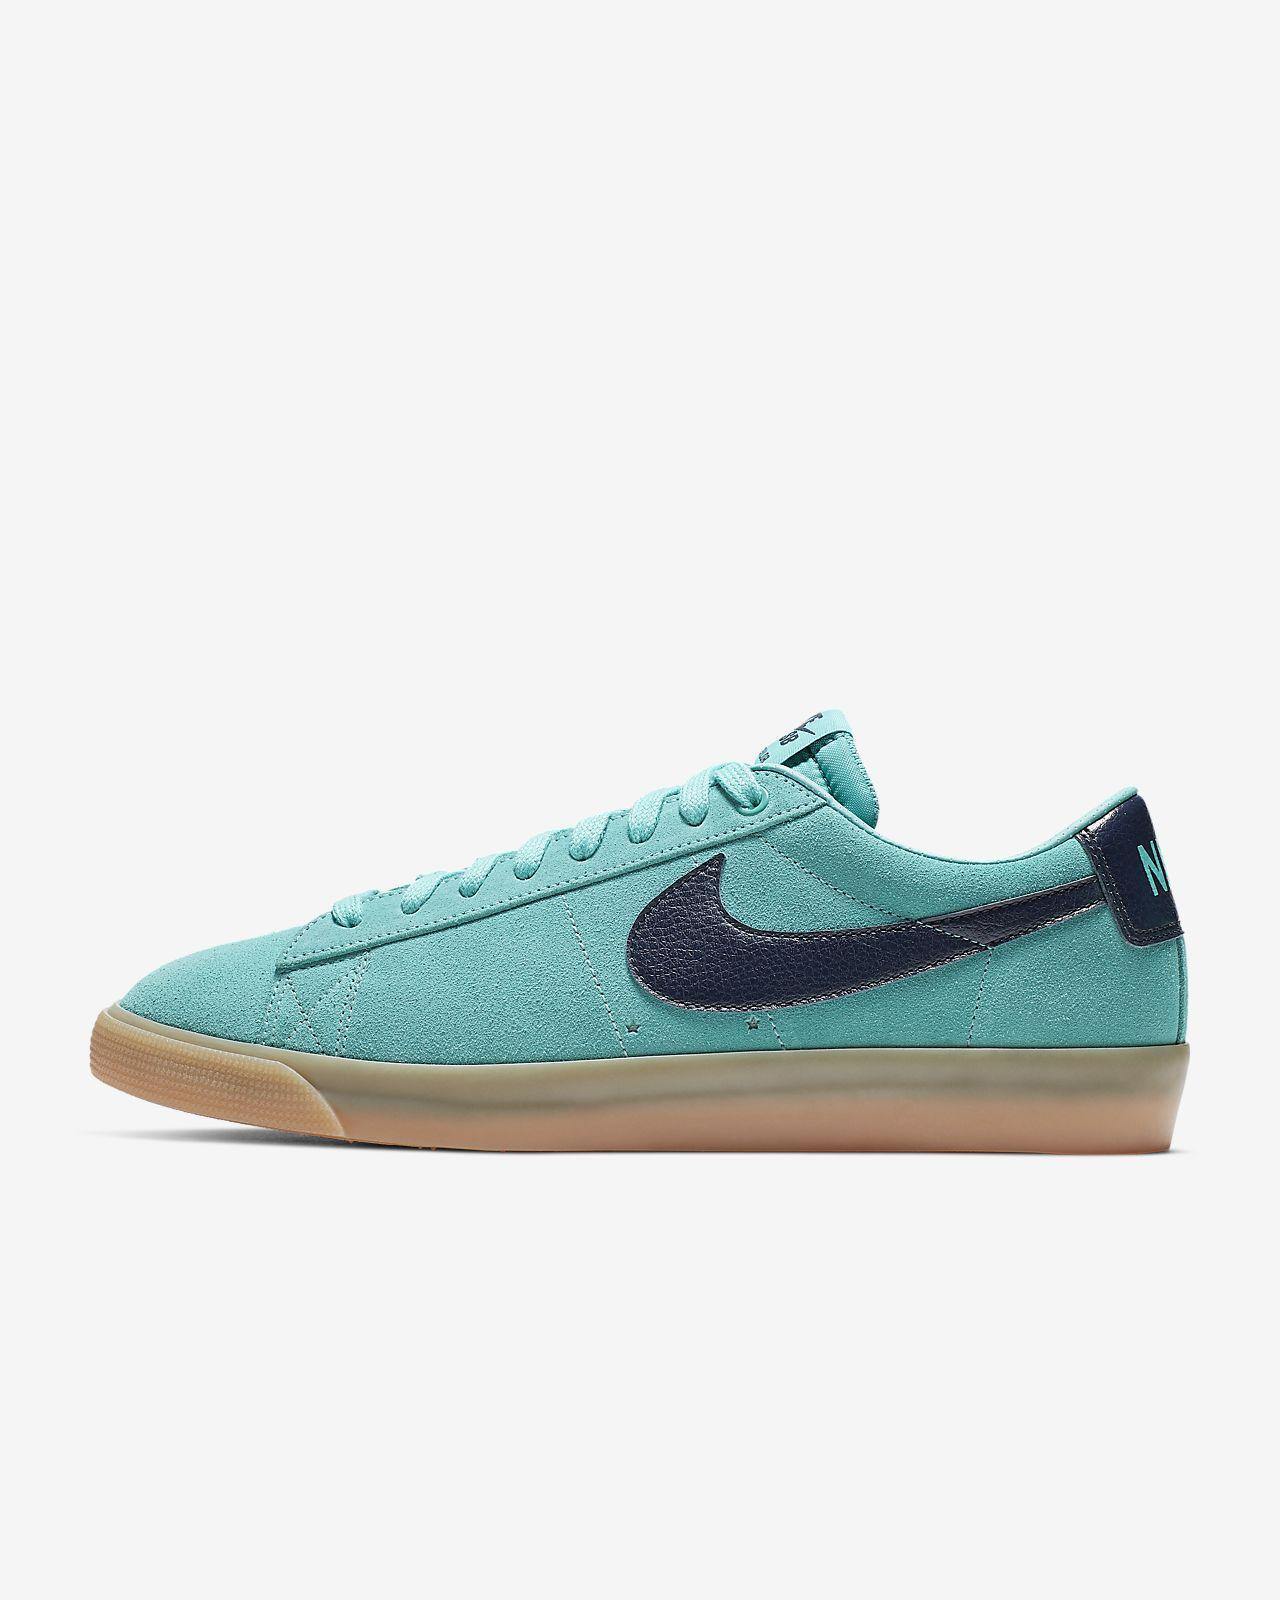 premium selection d5dc2 cd566 Nike SB Blazer Low GT Skate Shoe